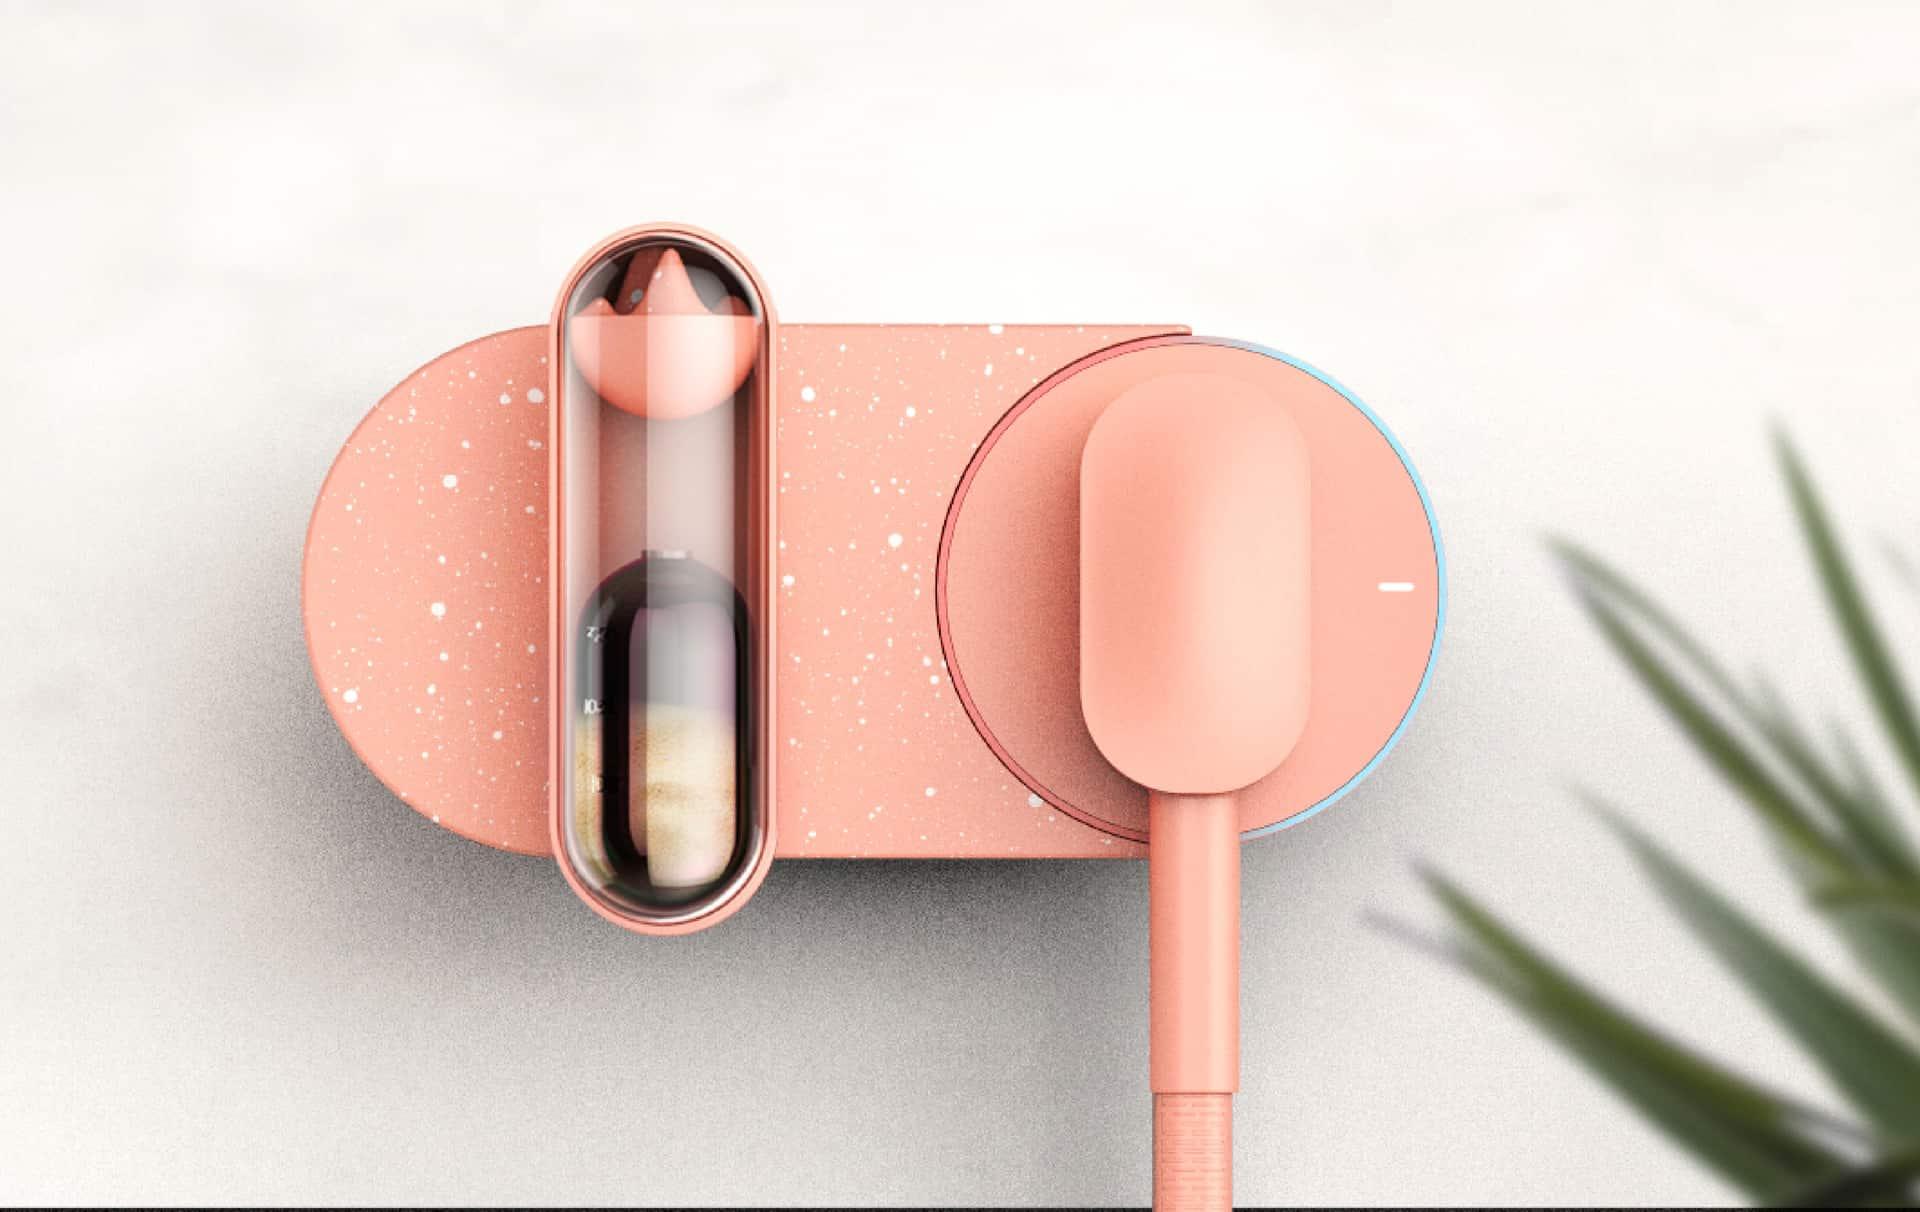 Drop - Shower Tap Concept